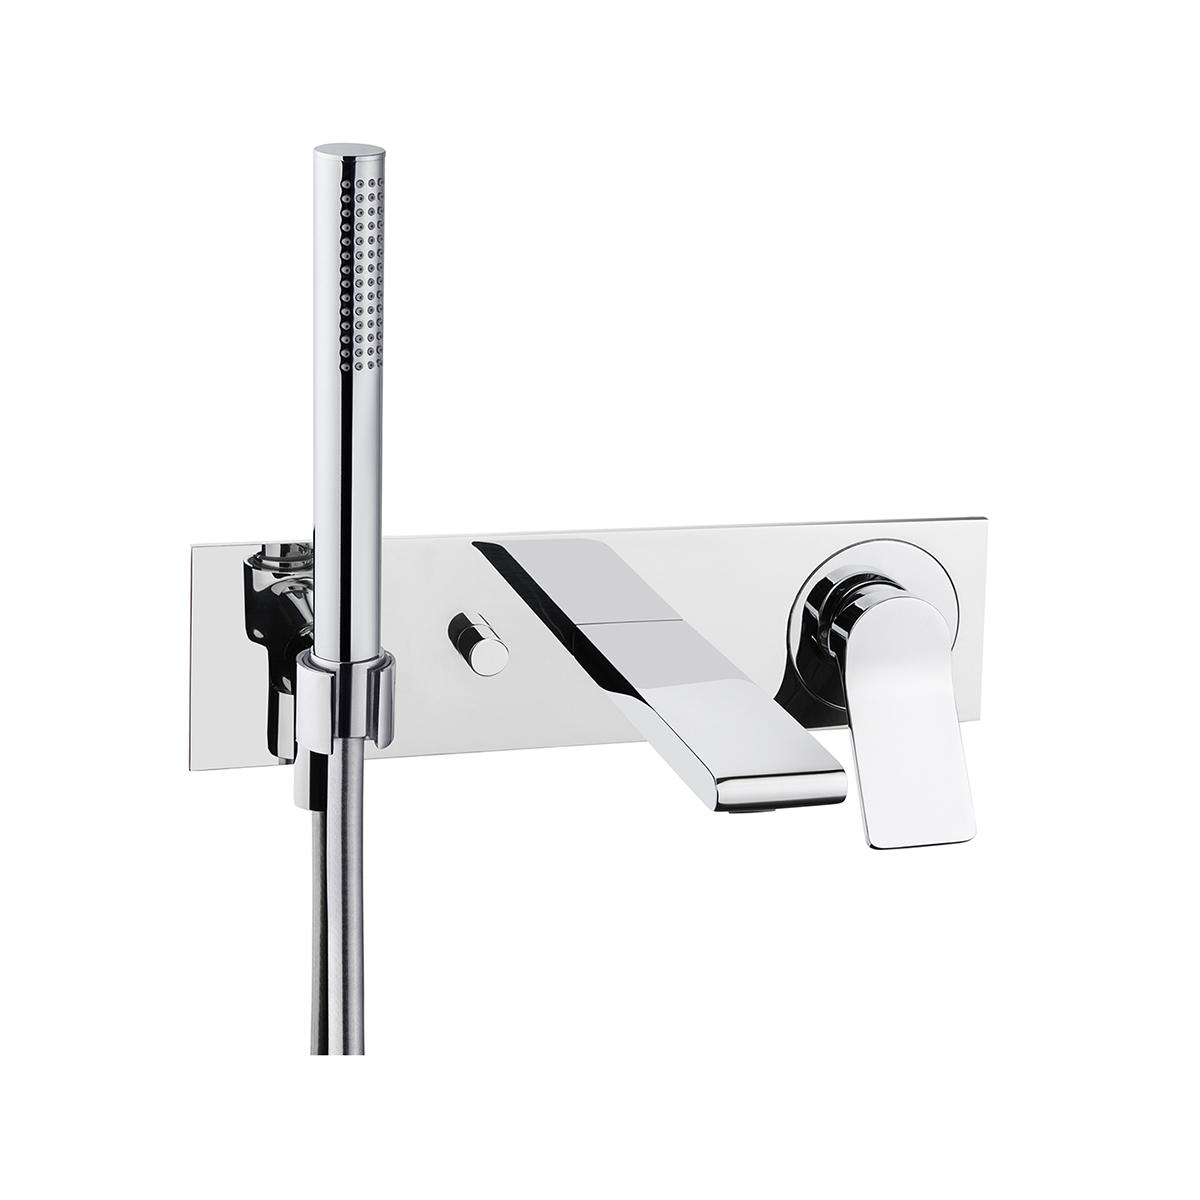 Memoria mitigeur baignoire / douche à encastrer, seulement la poignée